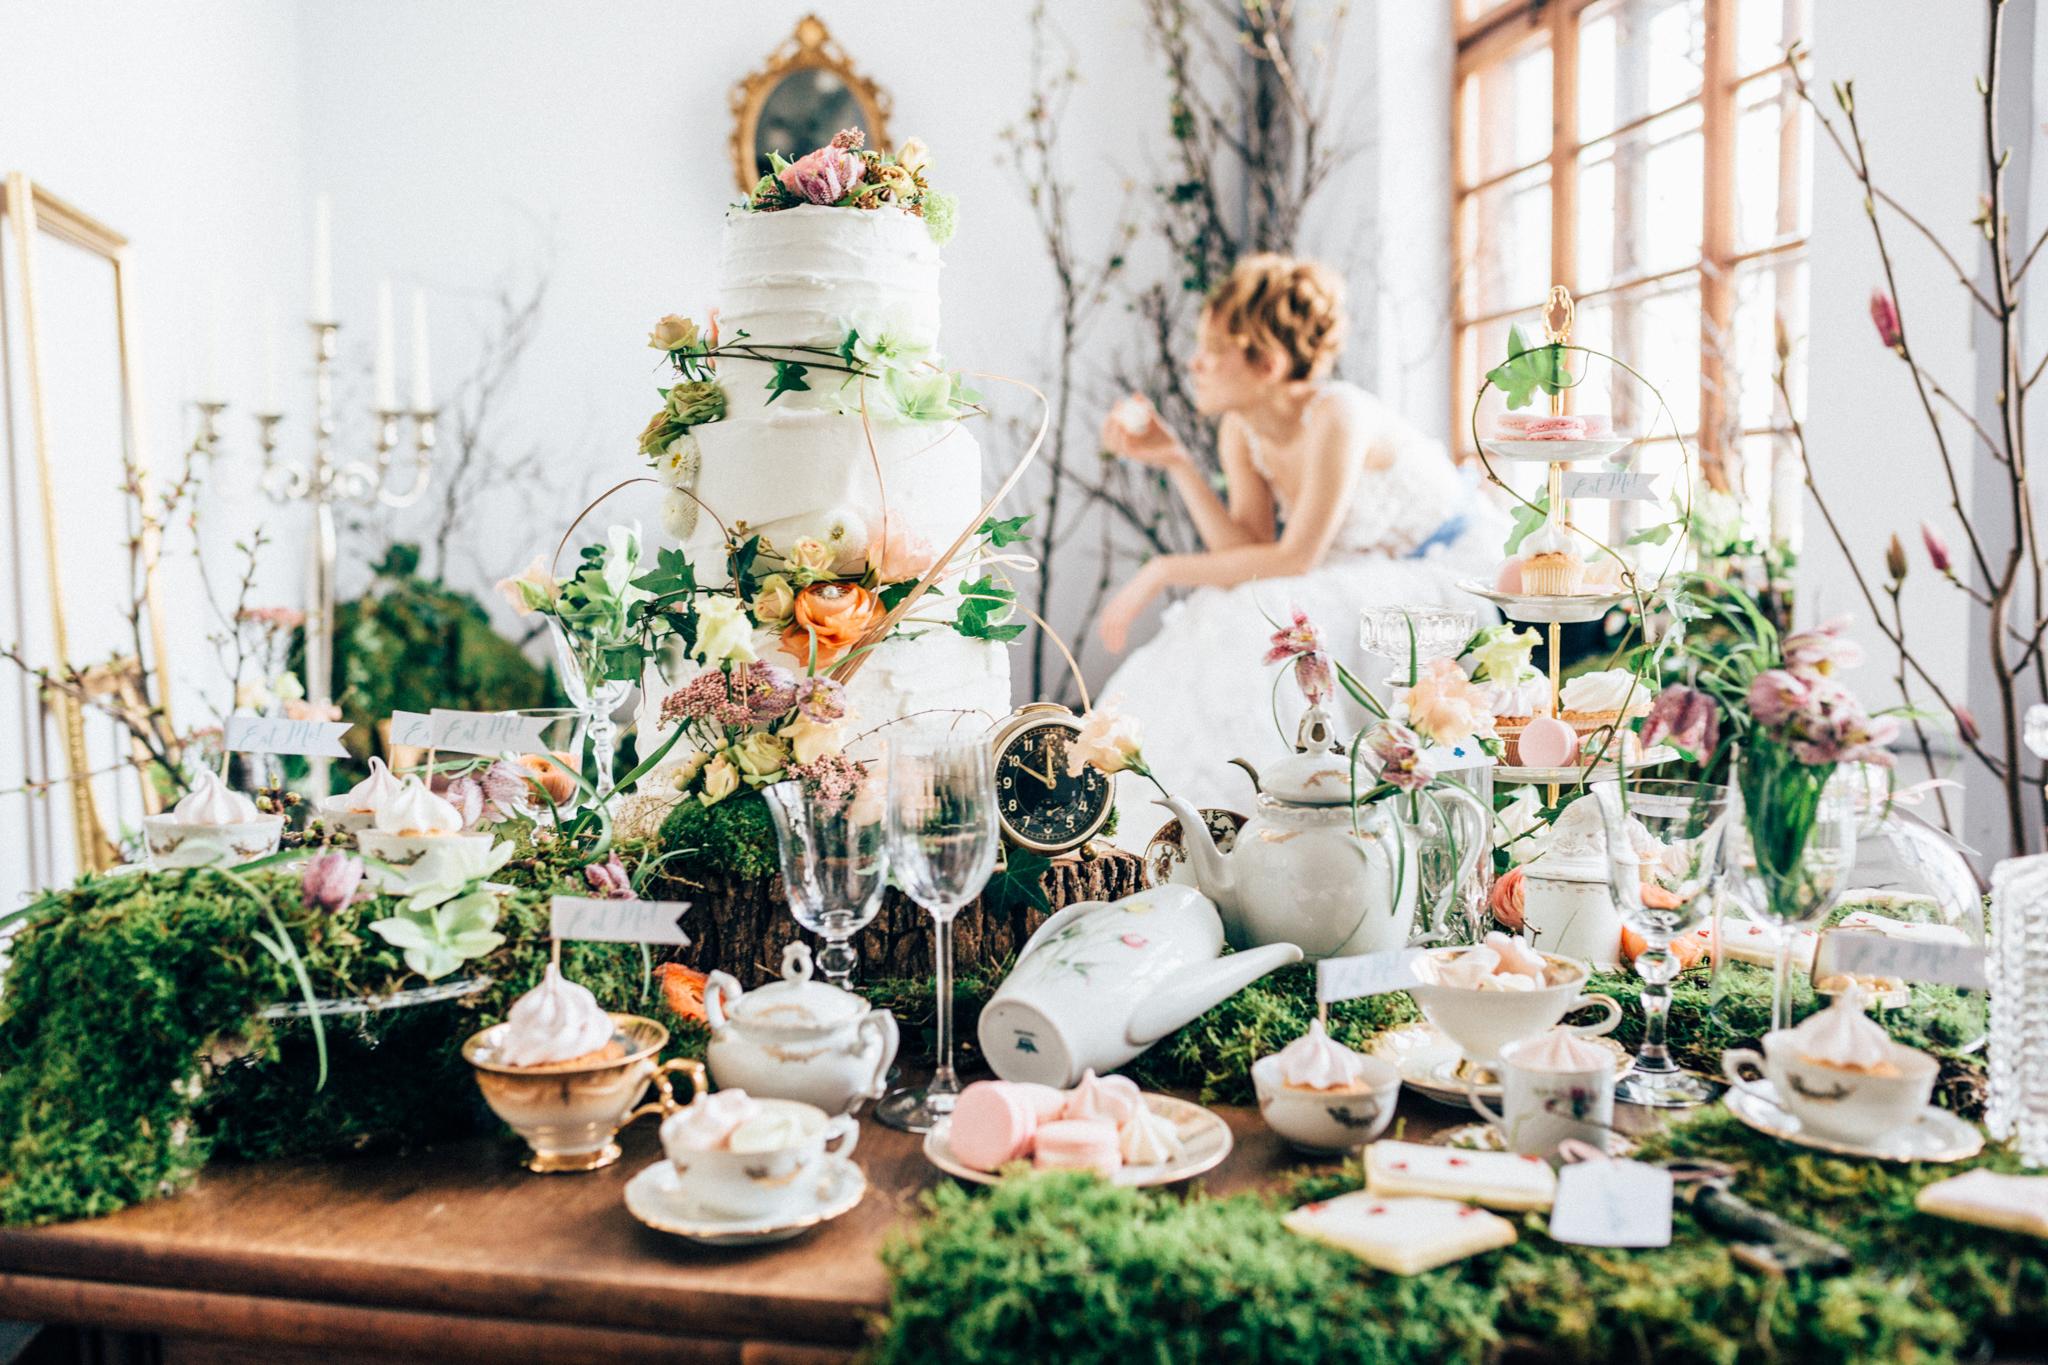 Hochzeitsfloristik Tisch mit vielen Arrangements Moos und verschiedenen Blumen in orange und rosa weisse hohe Torte mit Blumen im Hintergrund eine essende Braut im weissen Kleid